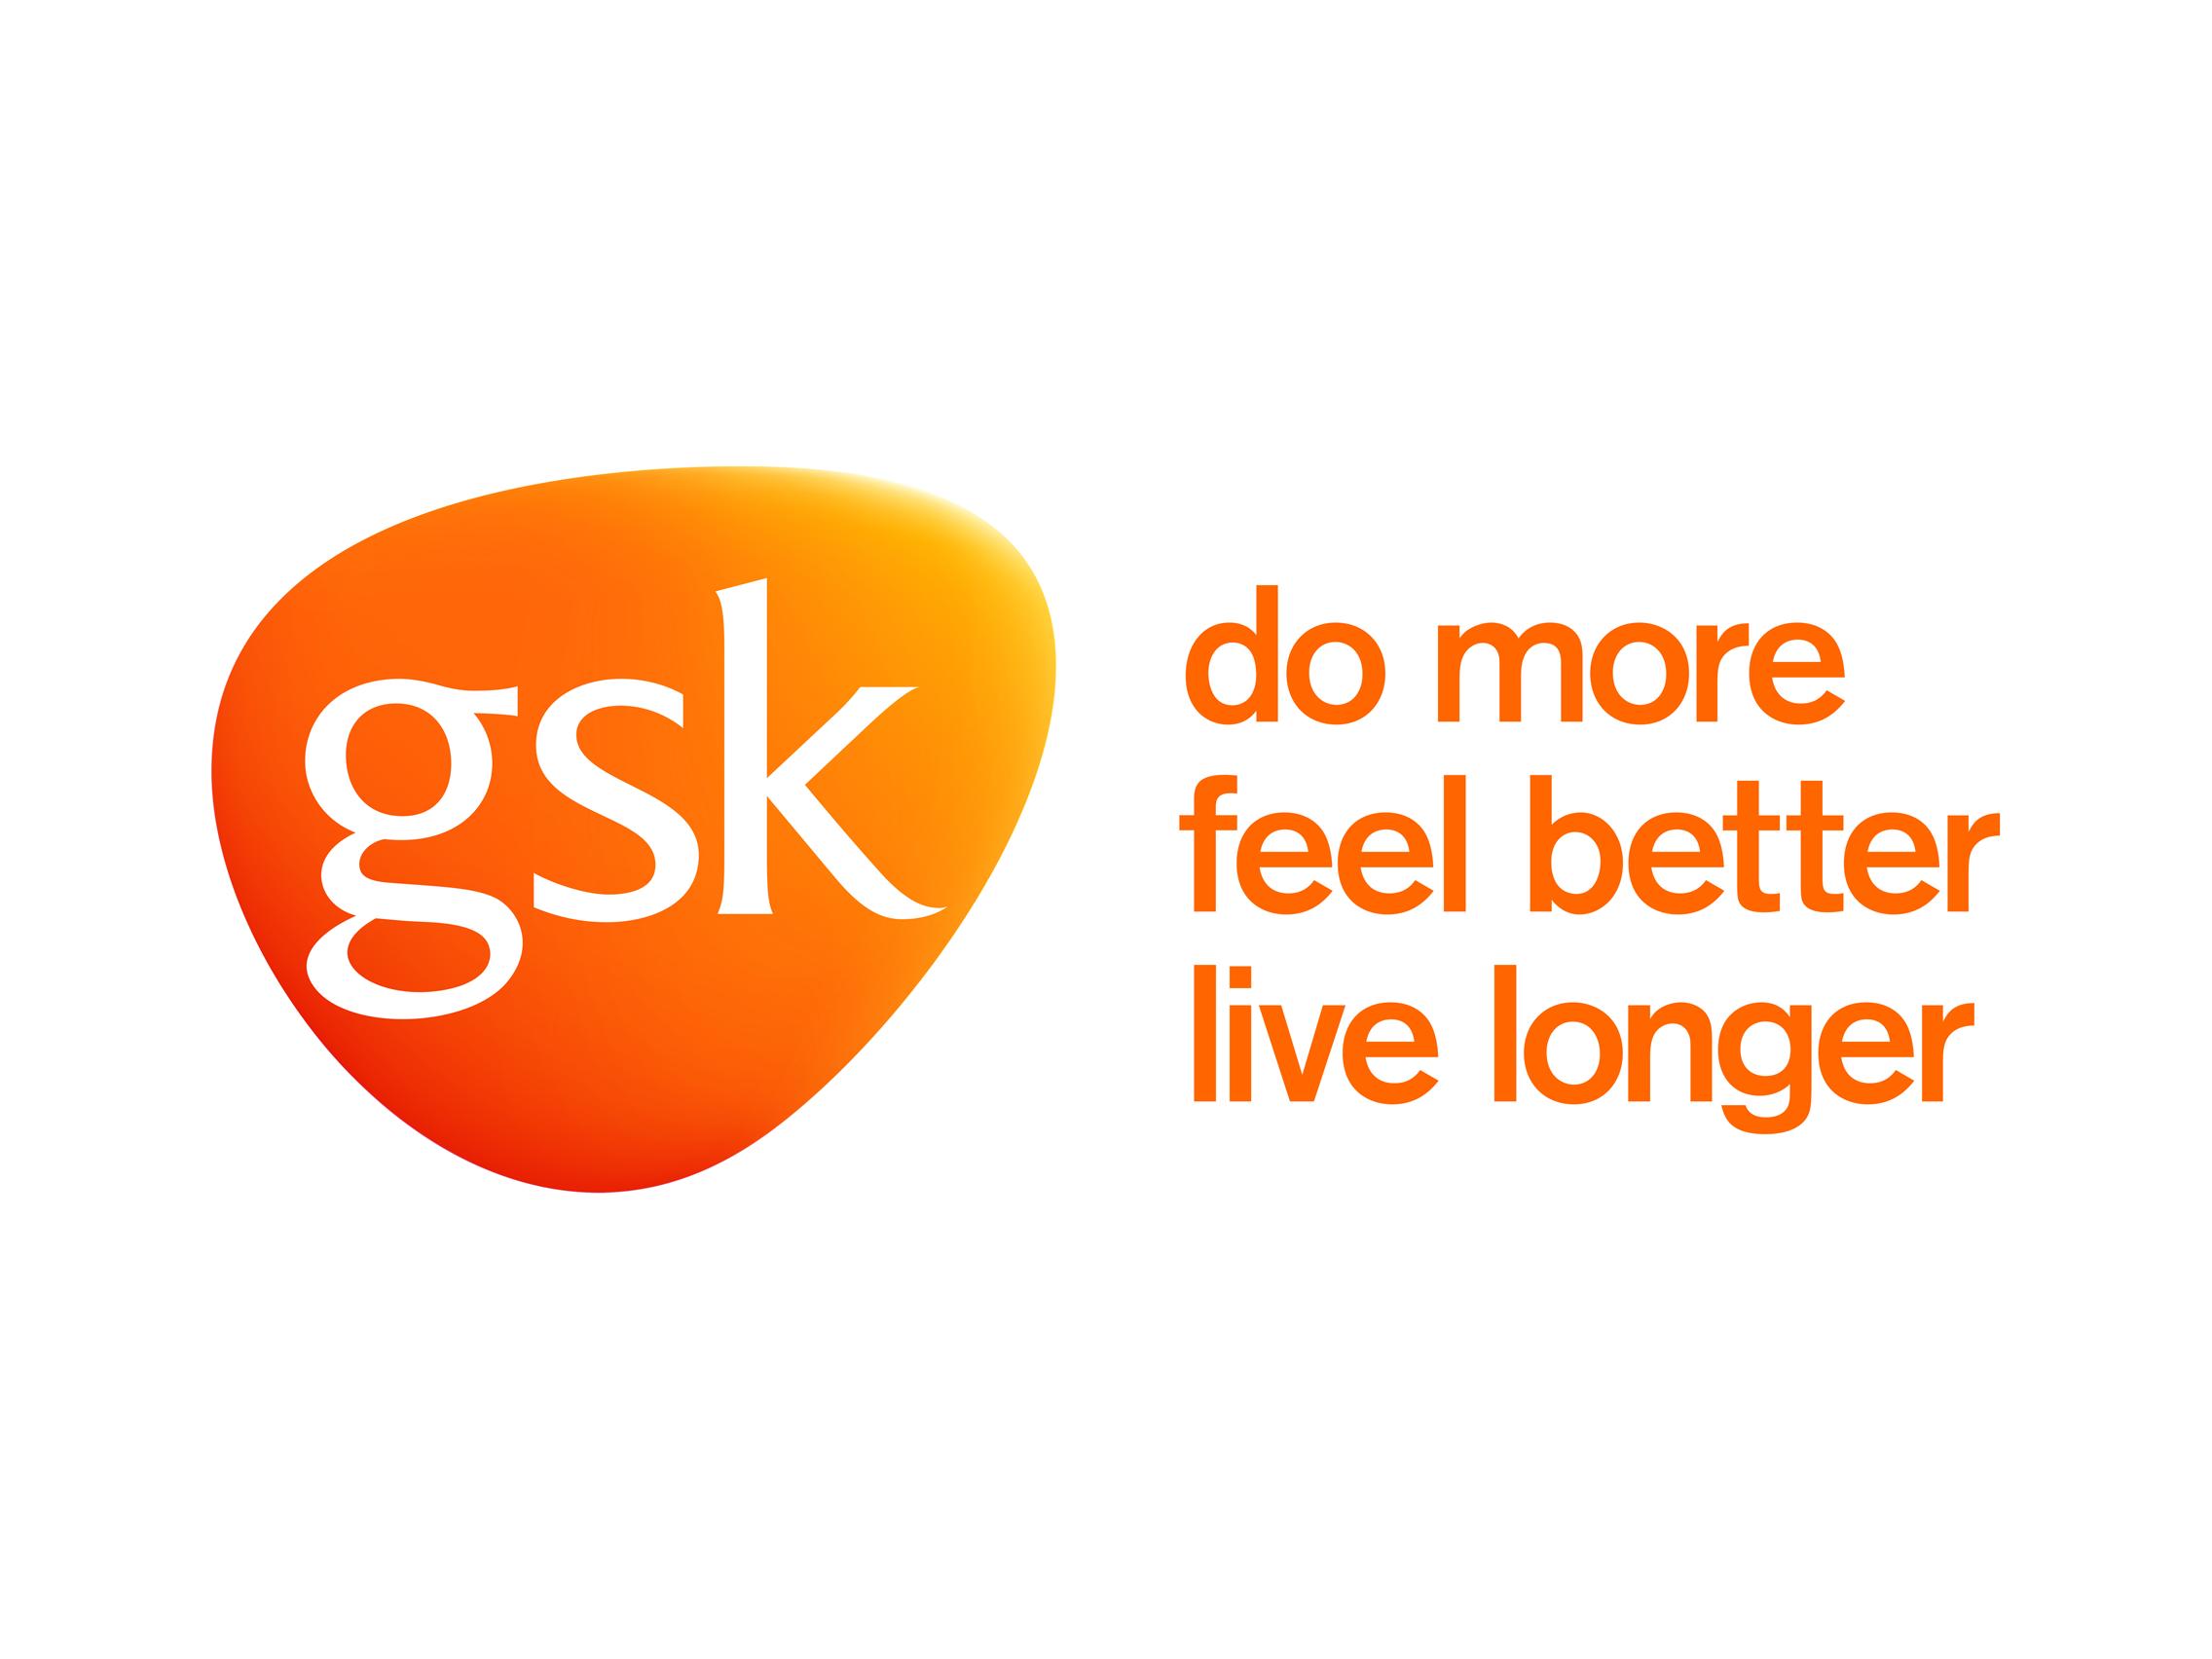 Gsk Logo PNG - 113548